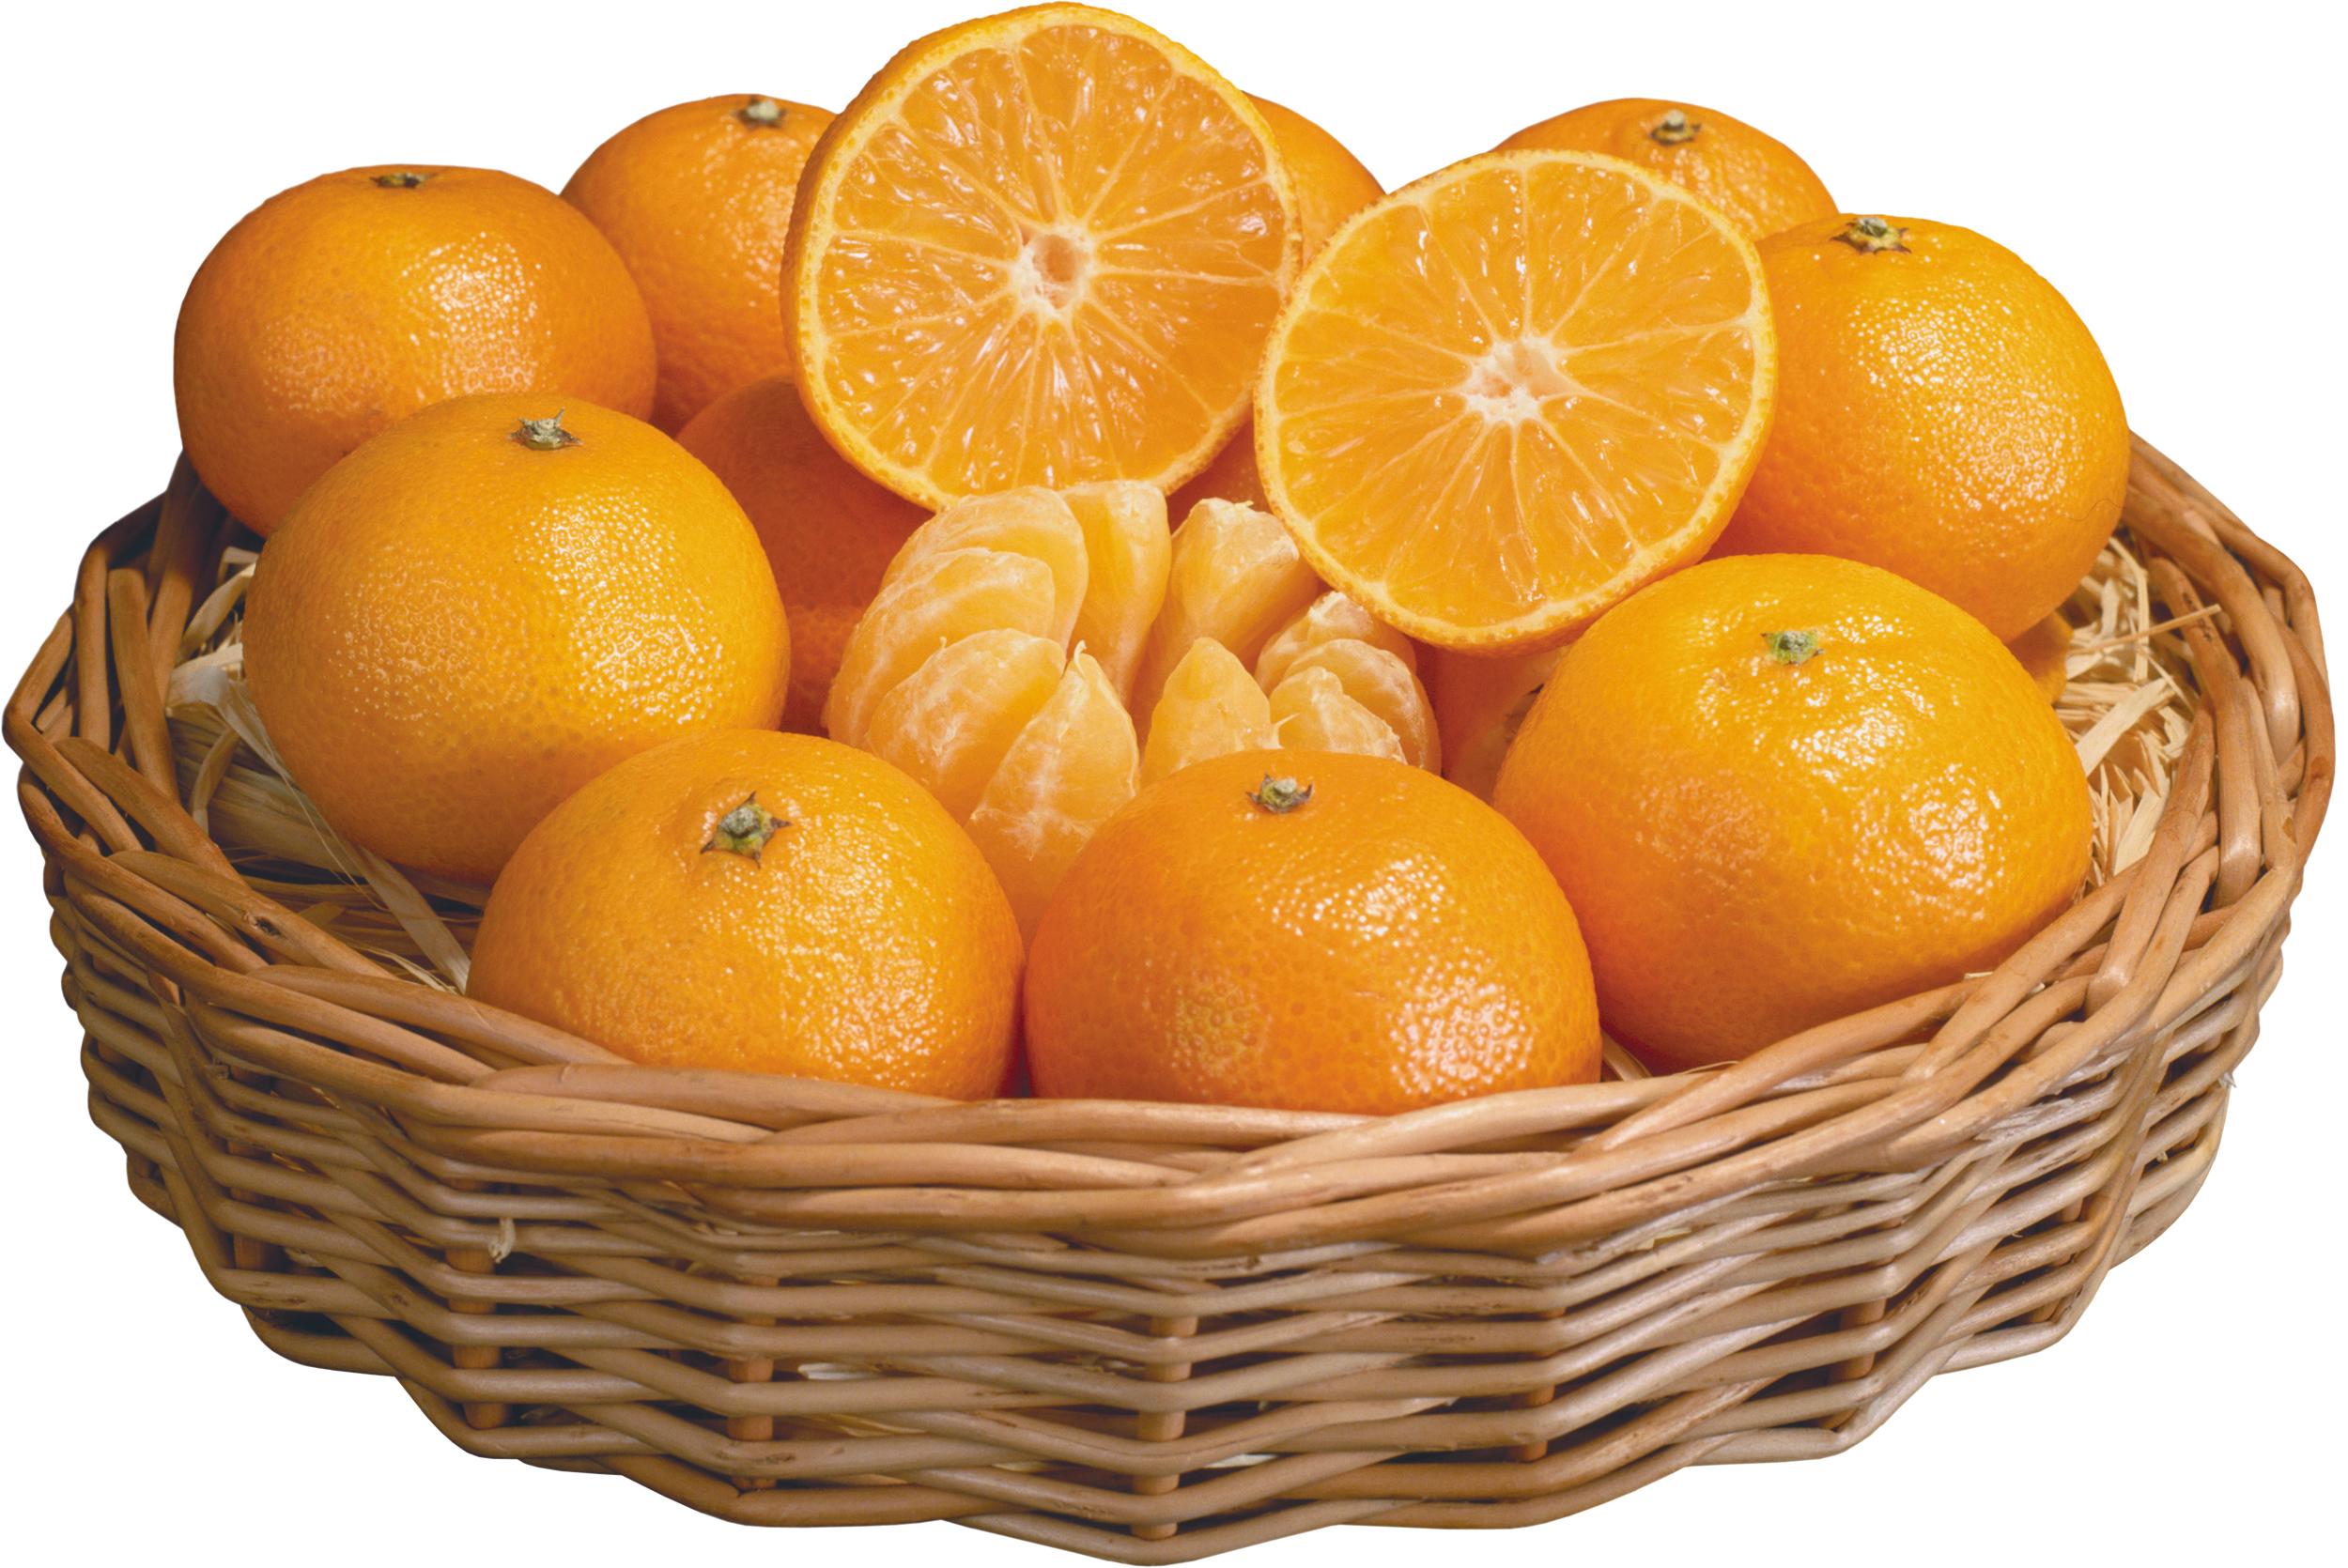 корзина фруктов, апельсины, фото, скачать